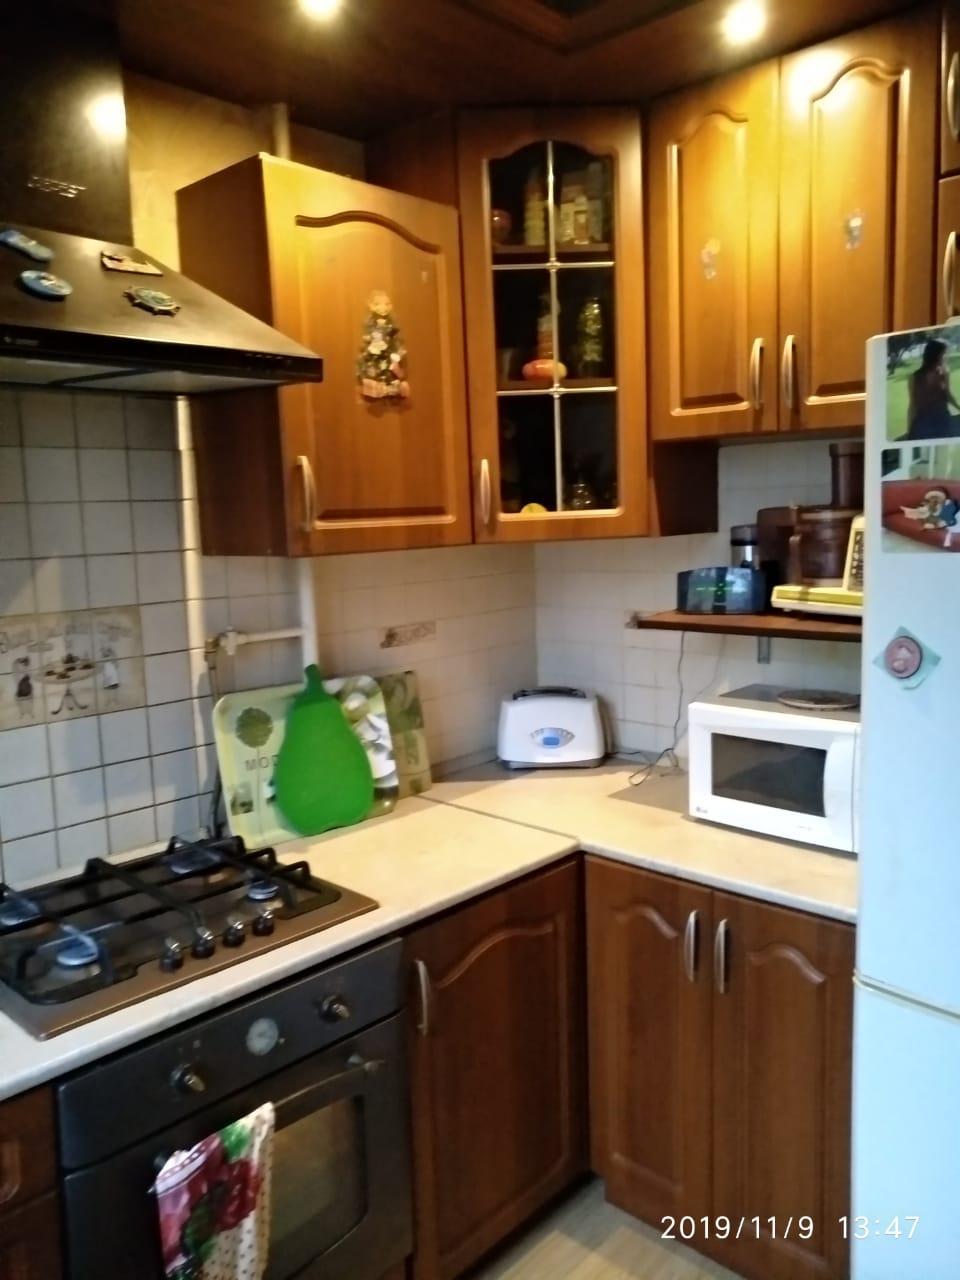 Квартира, 1 комната, 37 м² в Жуковском 89776056514 купить 2